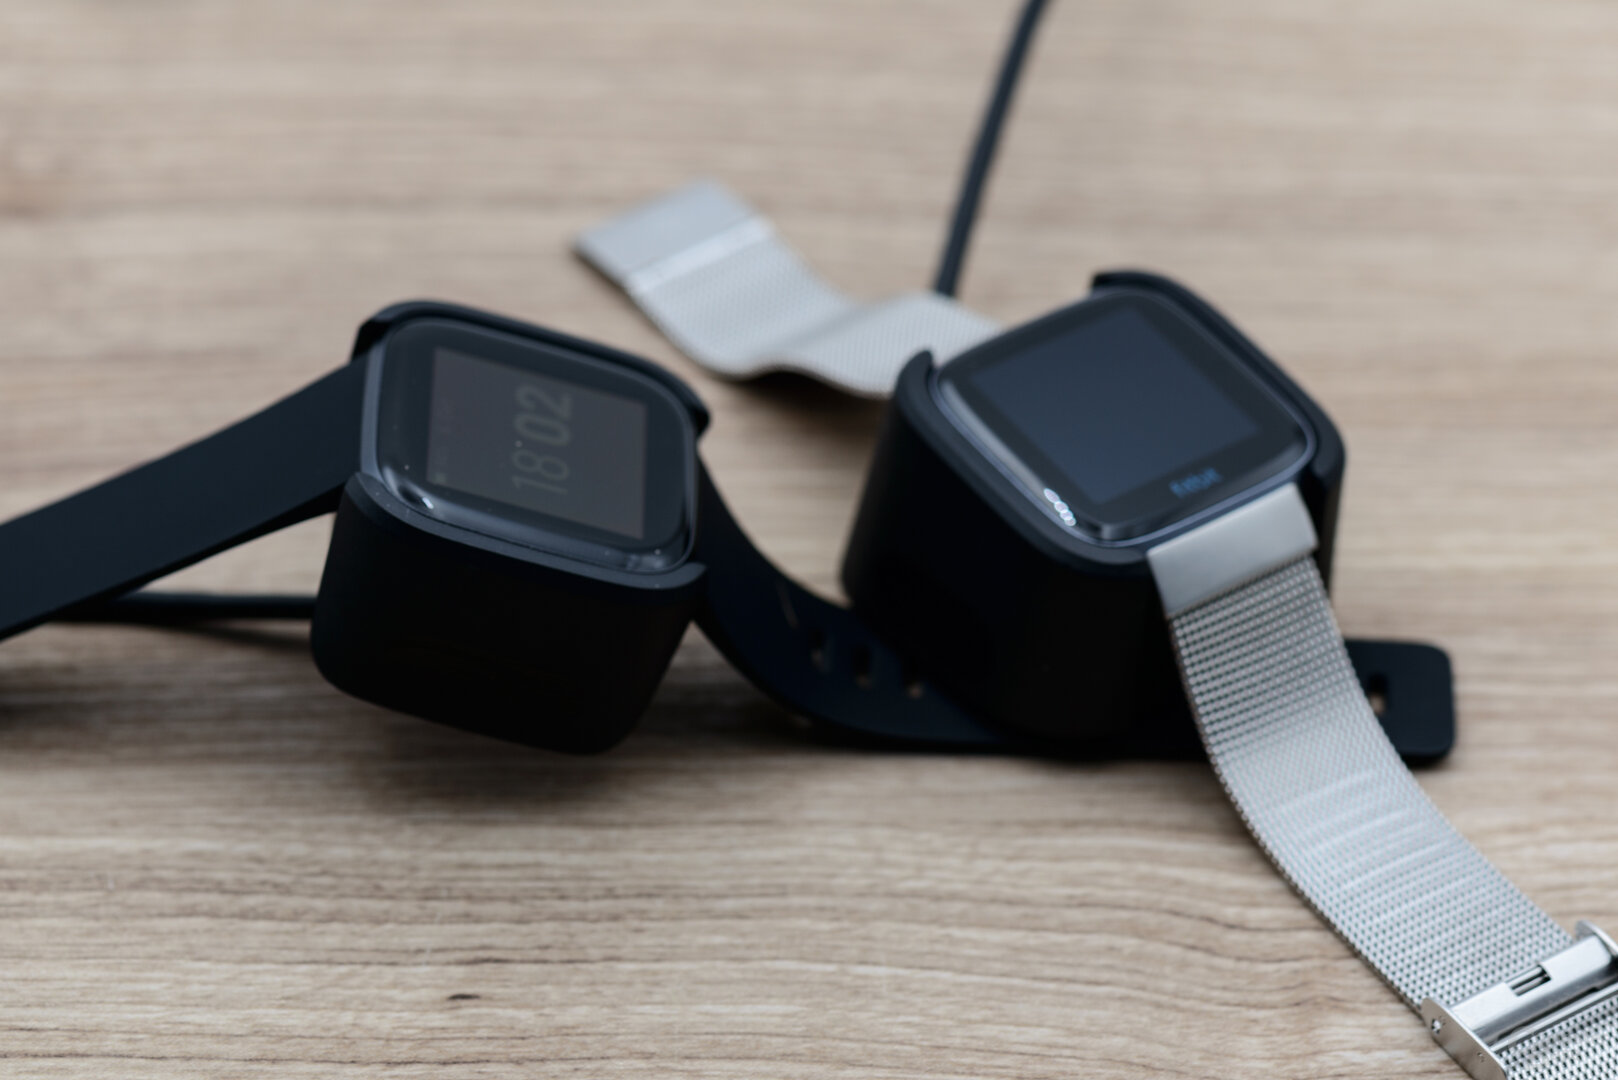 Fitbit Versa 2 und Versa: Ladesysteme